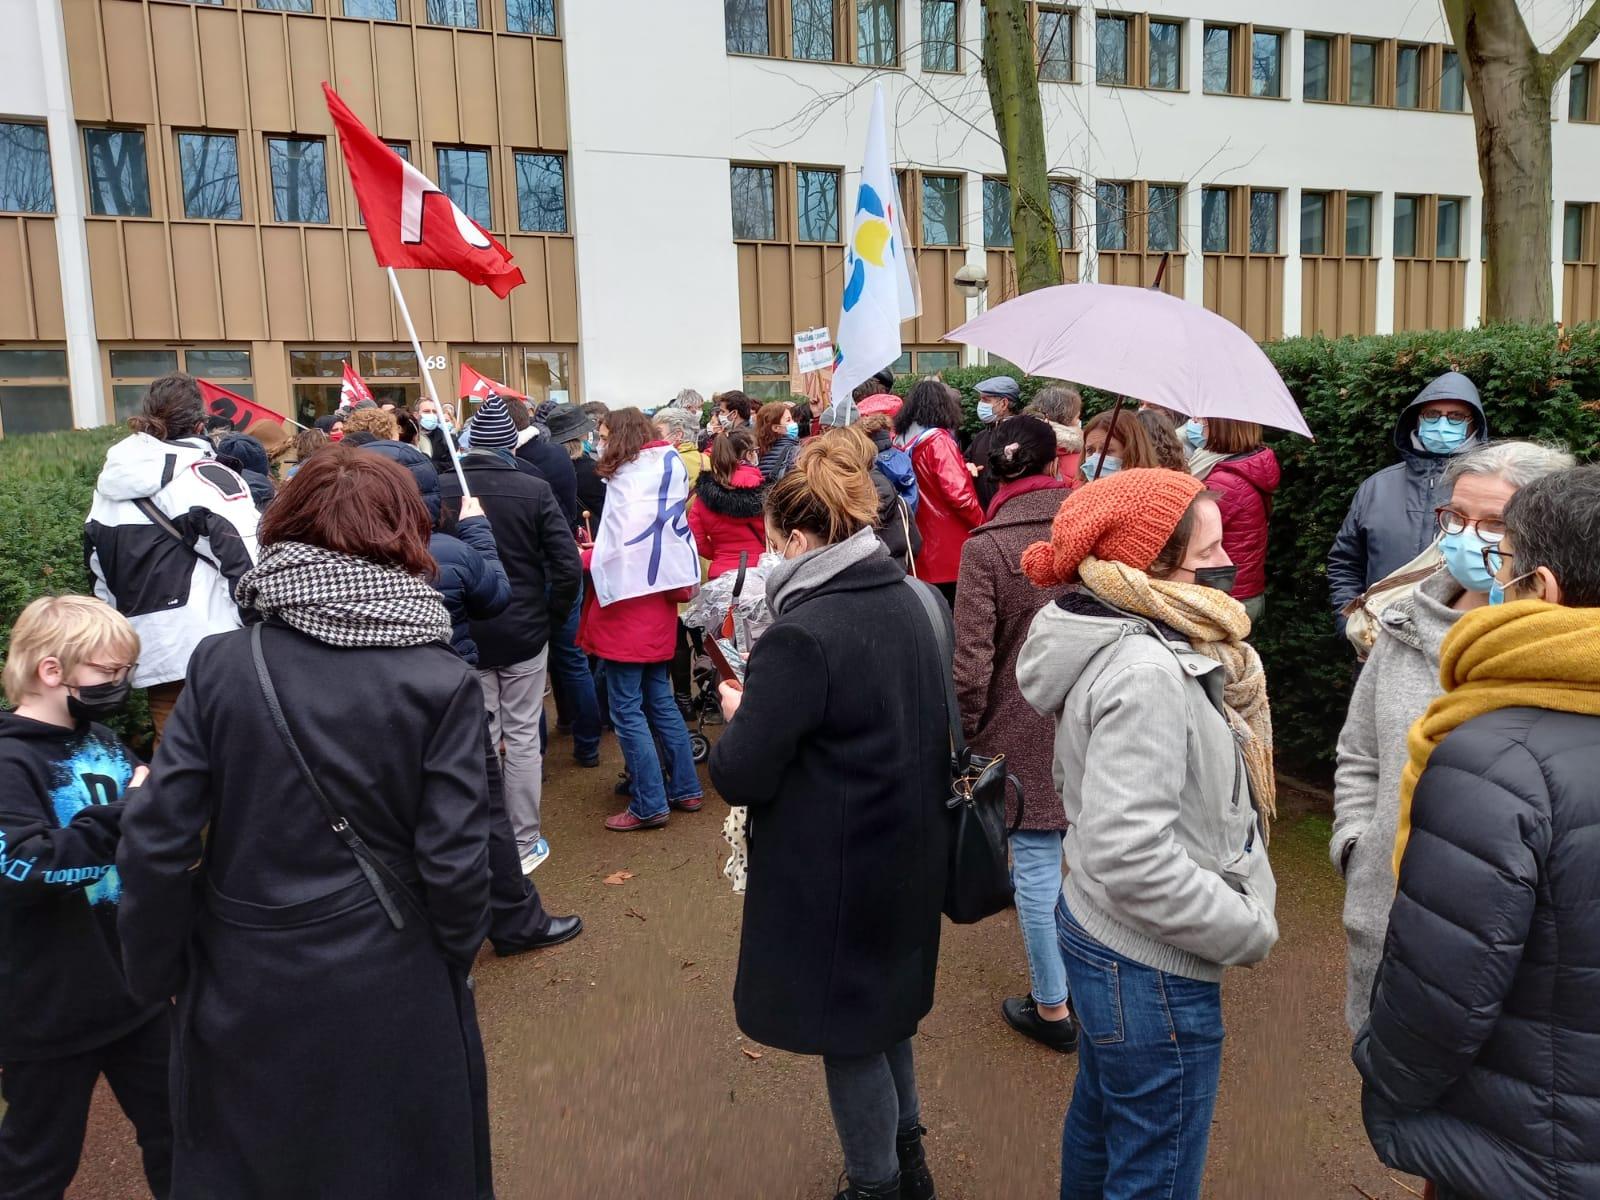 Val-de-Marne: la nouvelle carte scolaire ne passe pas. Déclaration commune FSU FO CGT SUD et FCPE expliquant les raisons de leur refus de siéger au CDEN de ce jour.